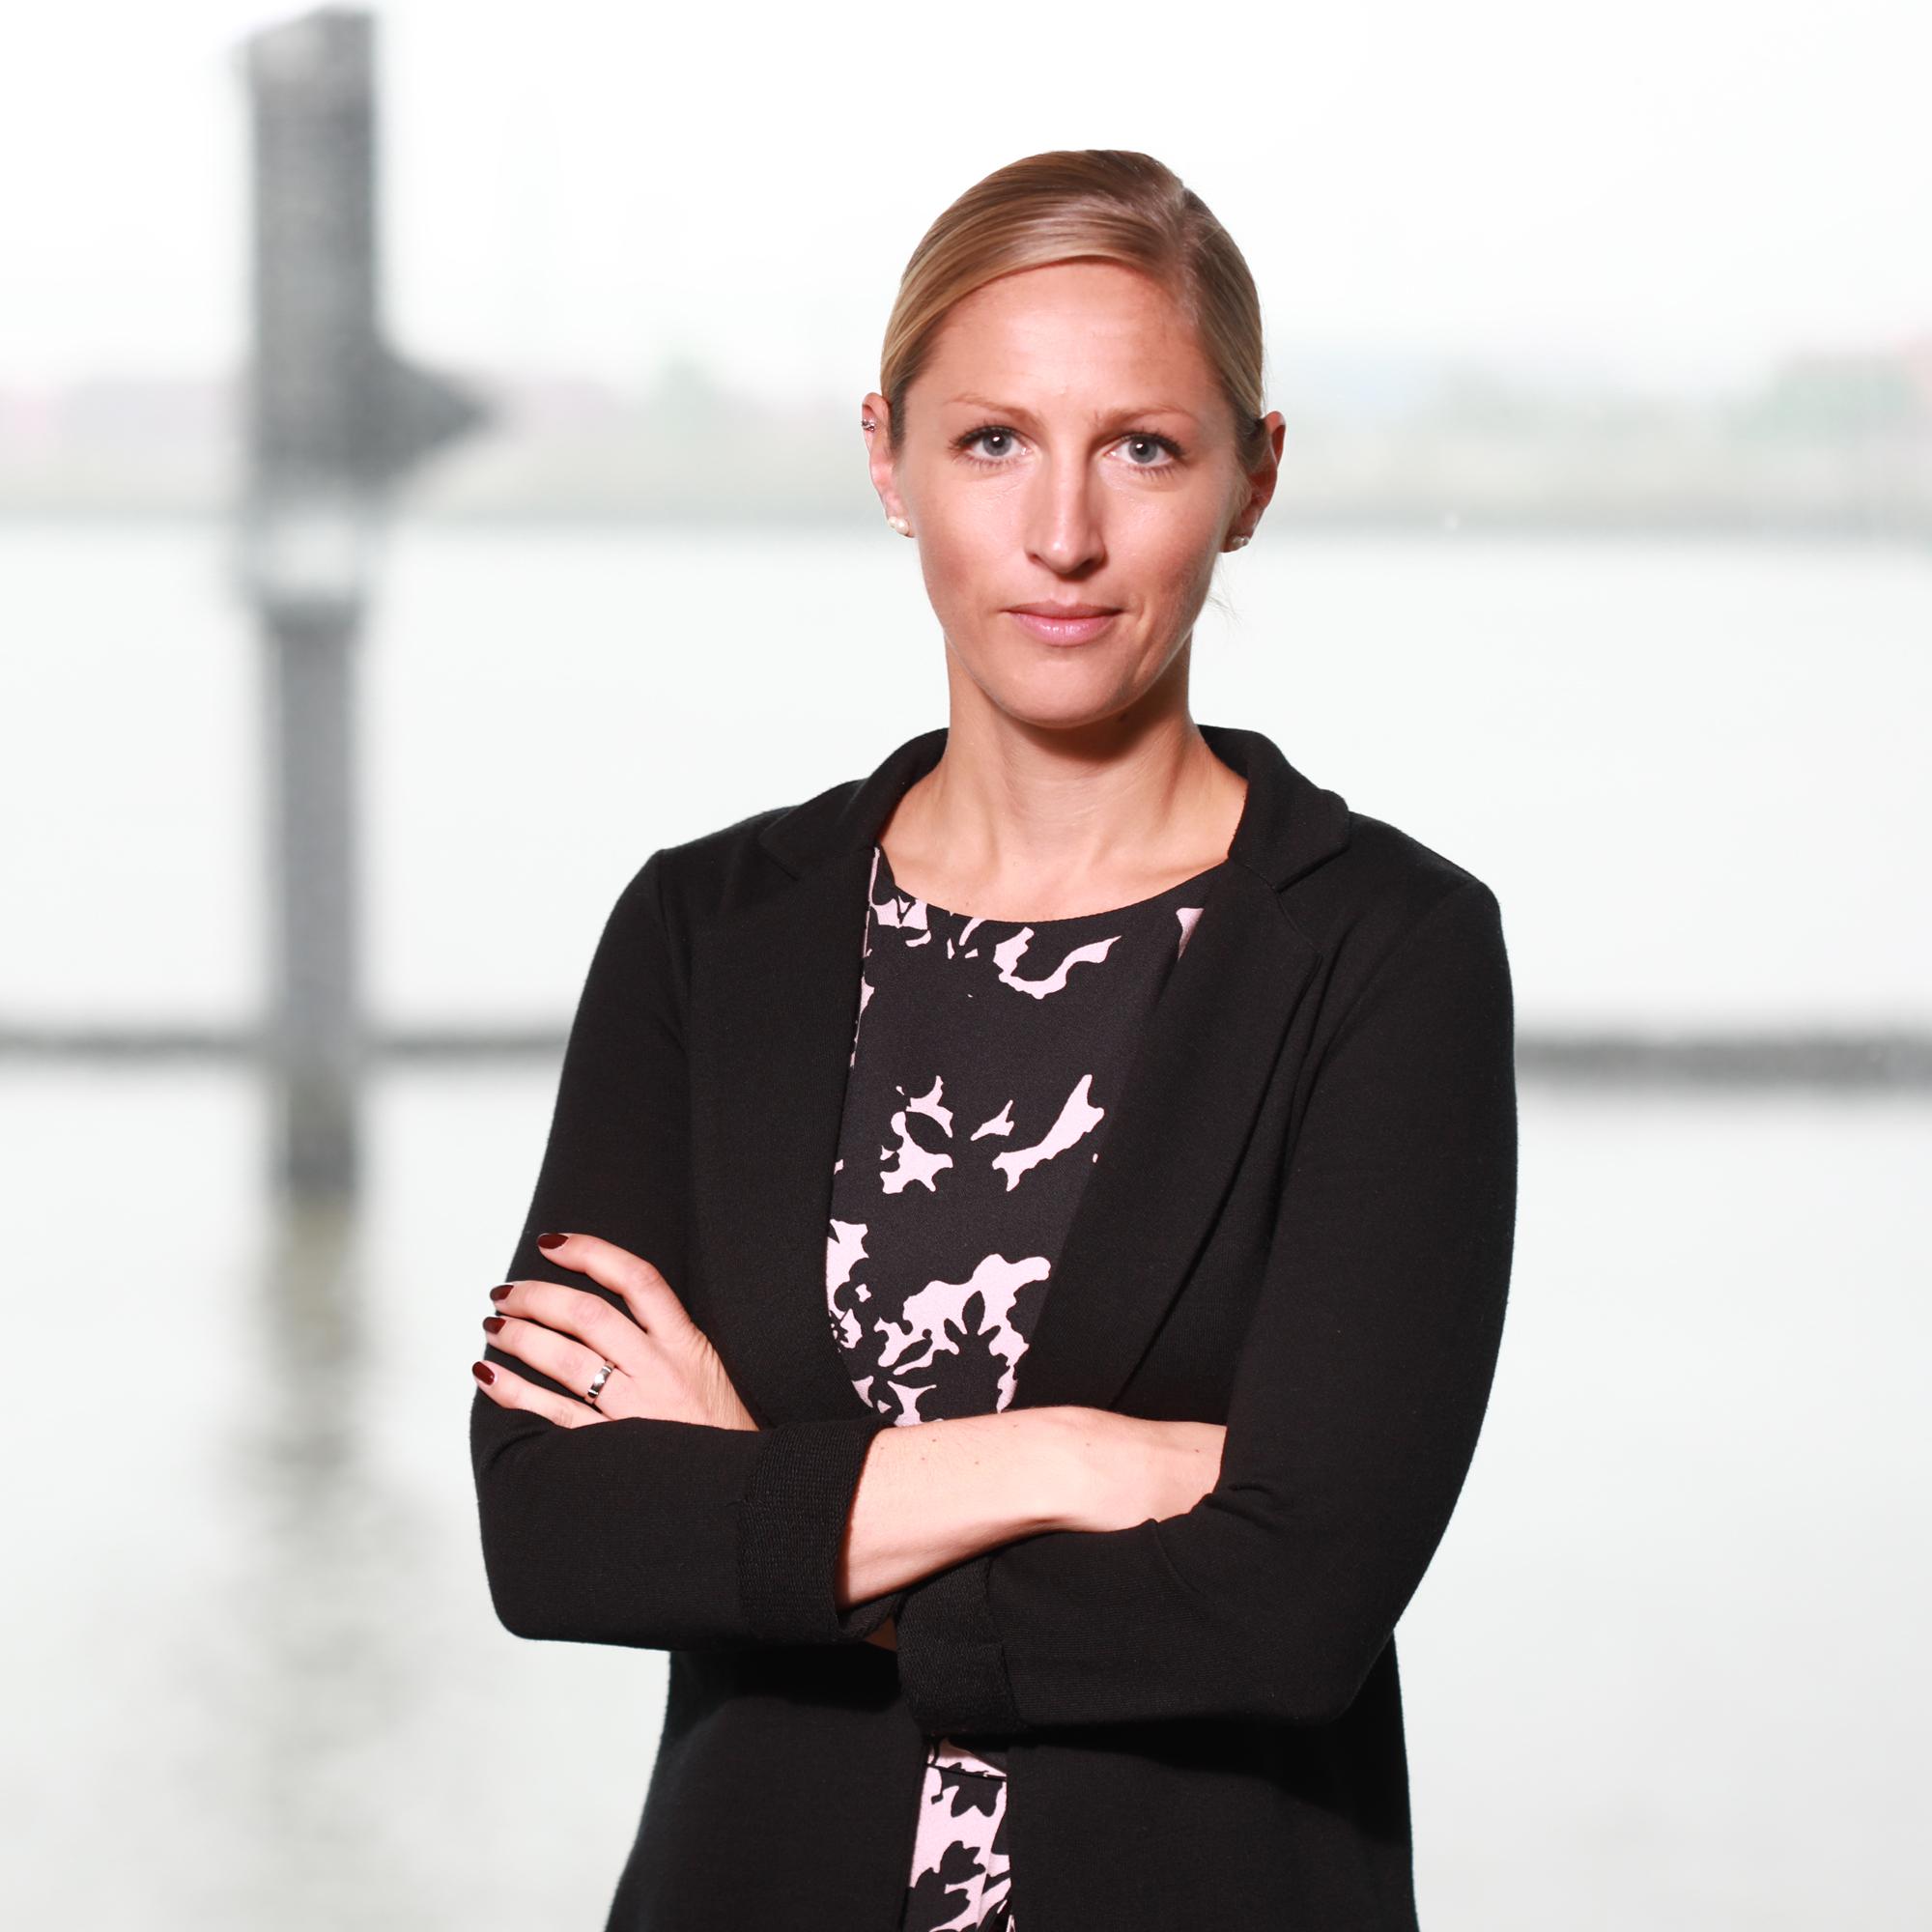 Julia Siebert